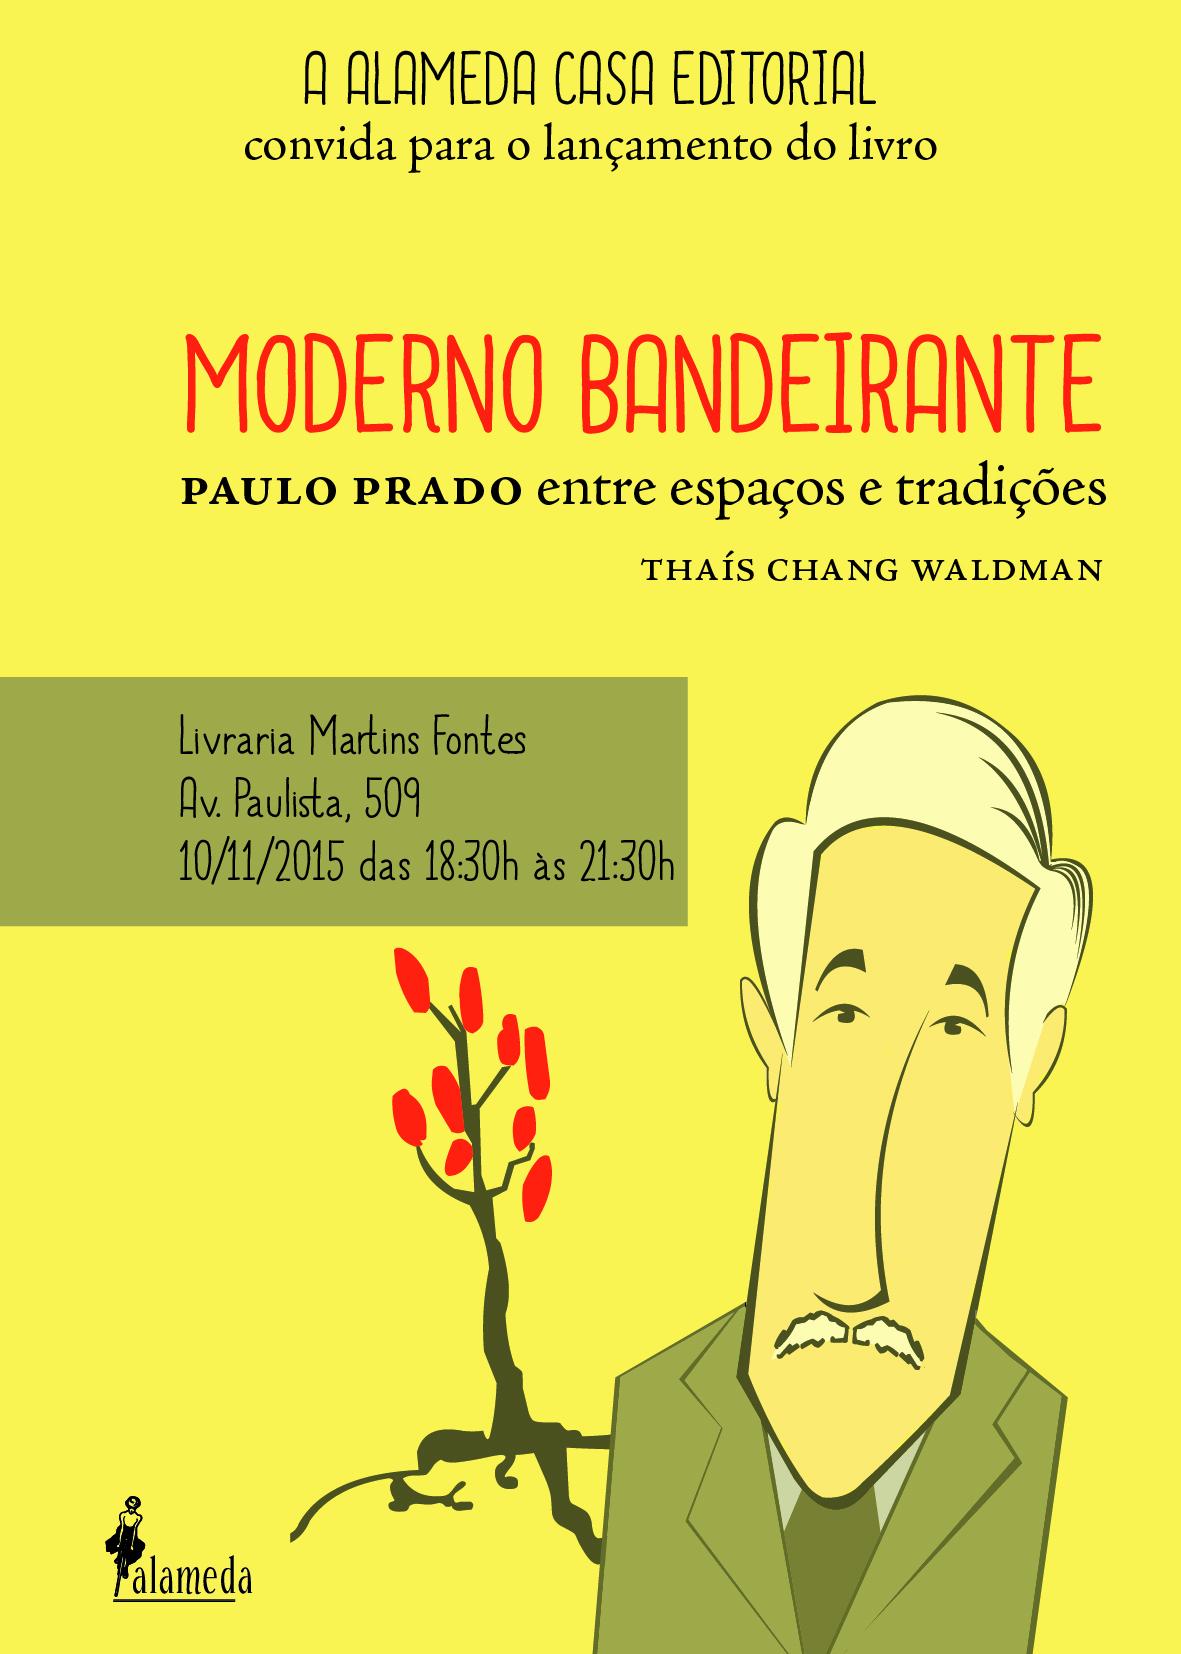 Moderno Bandeirante_convite